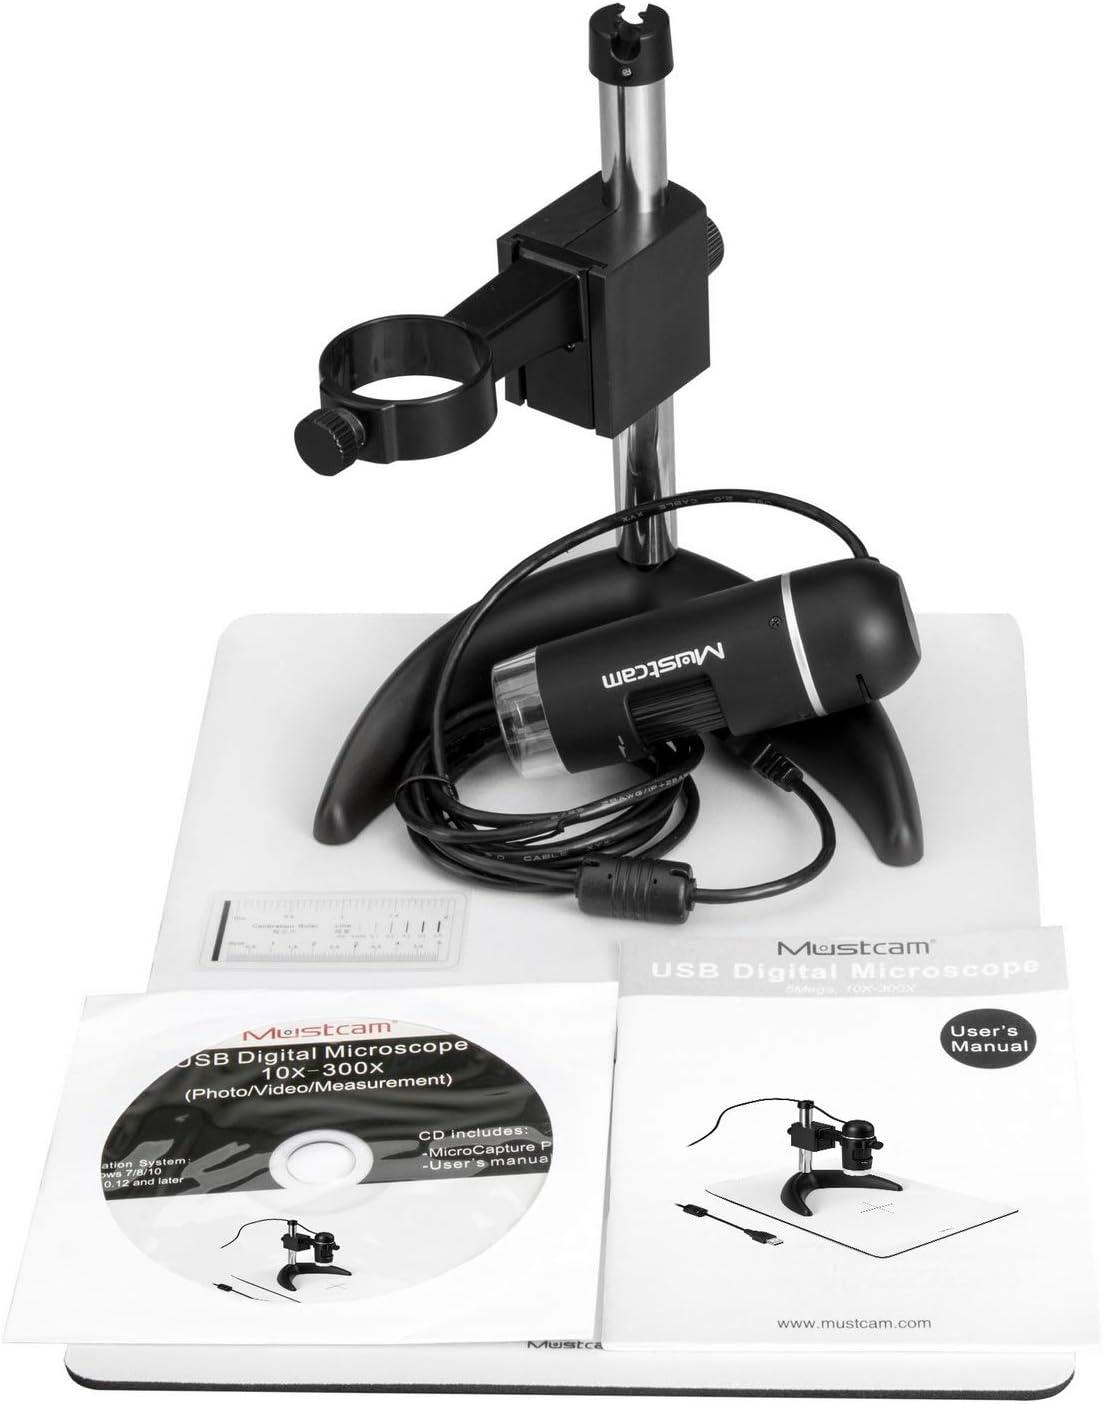 10/x palmare e osservazione stand Mustcam 5/Mega Pixel USB microscopio digitale con misurazione software per Windows//Mac//UVC 300/x di ingrandimento